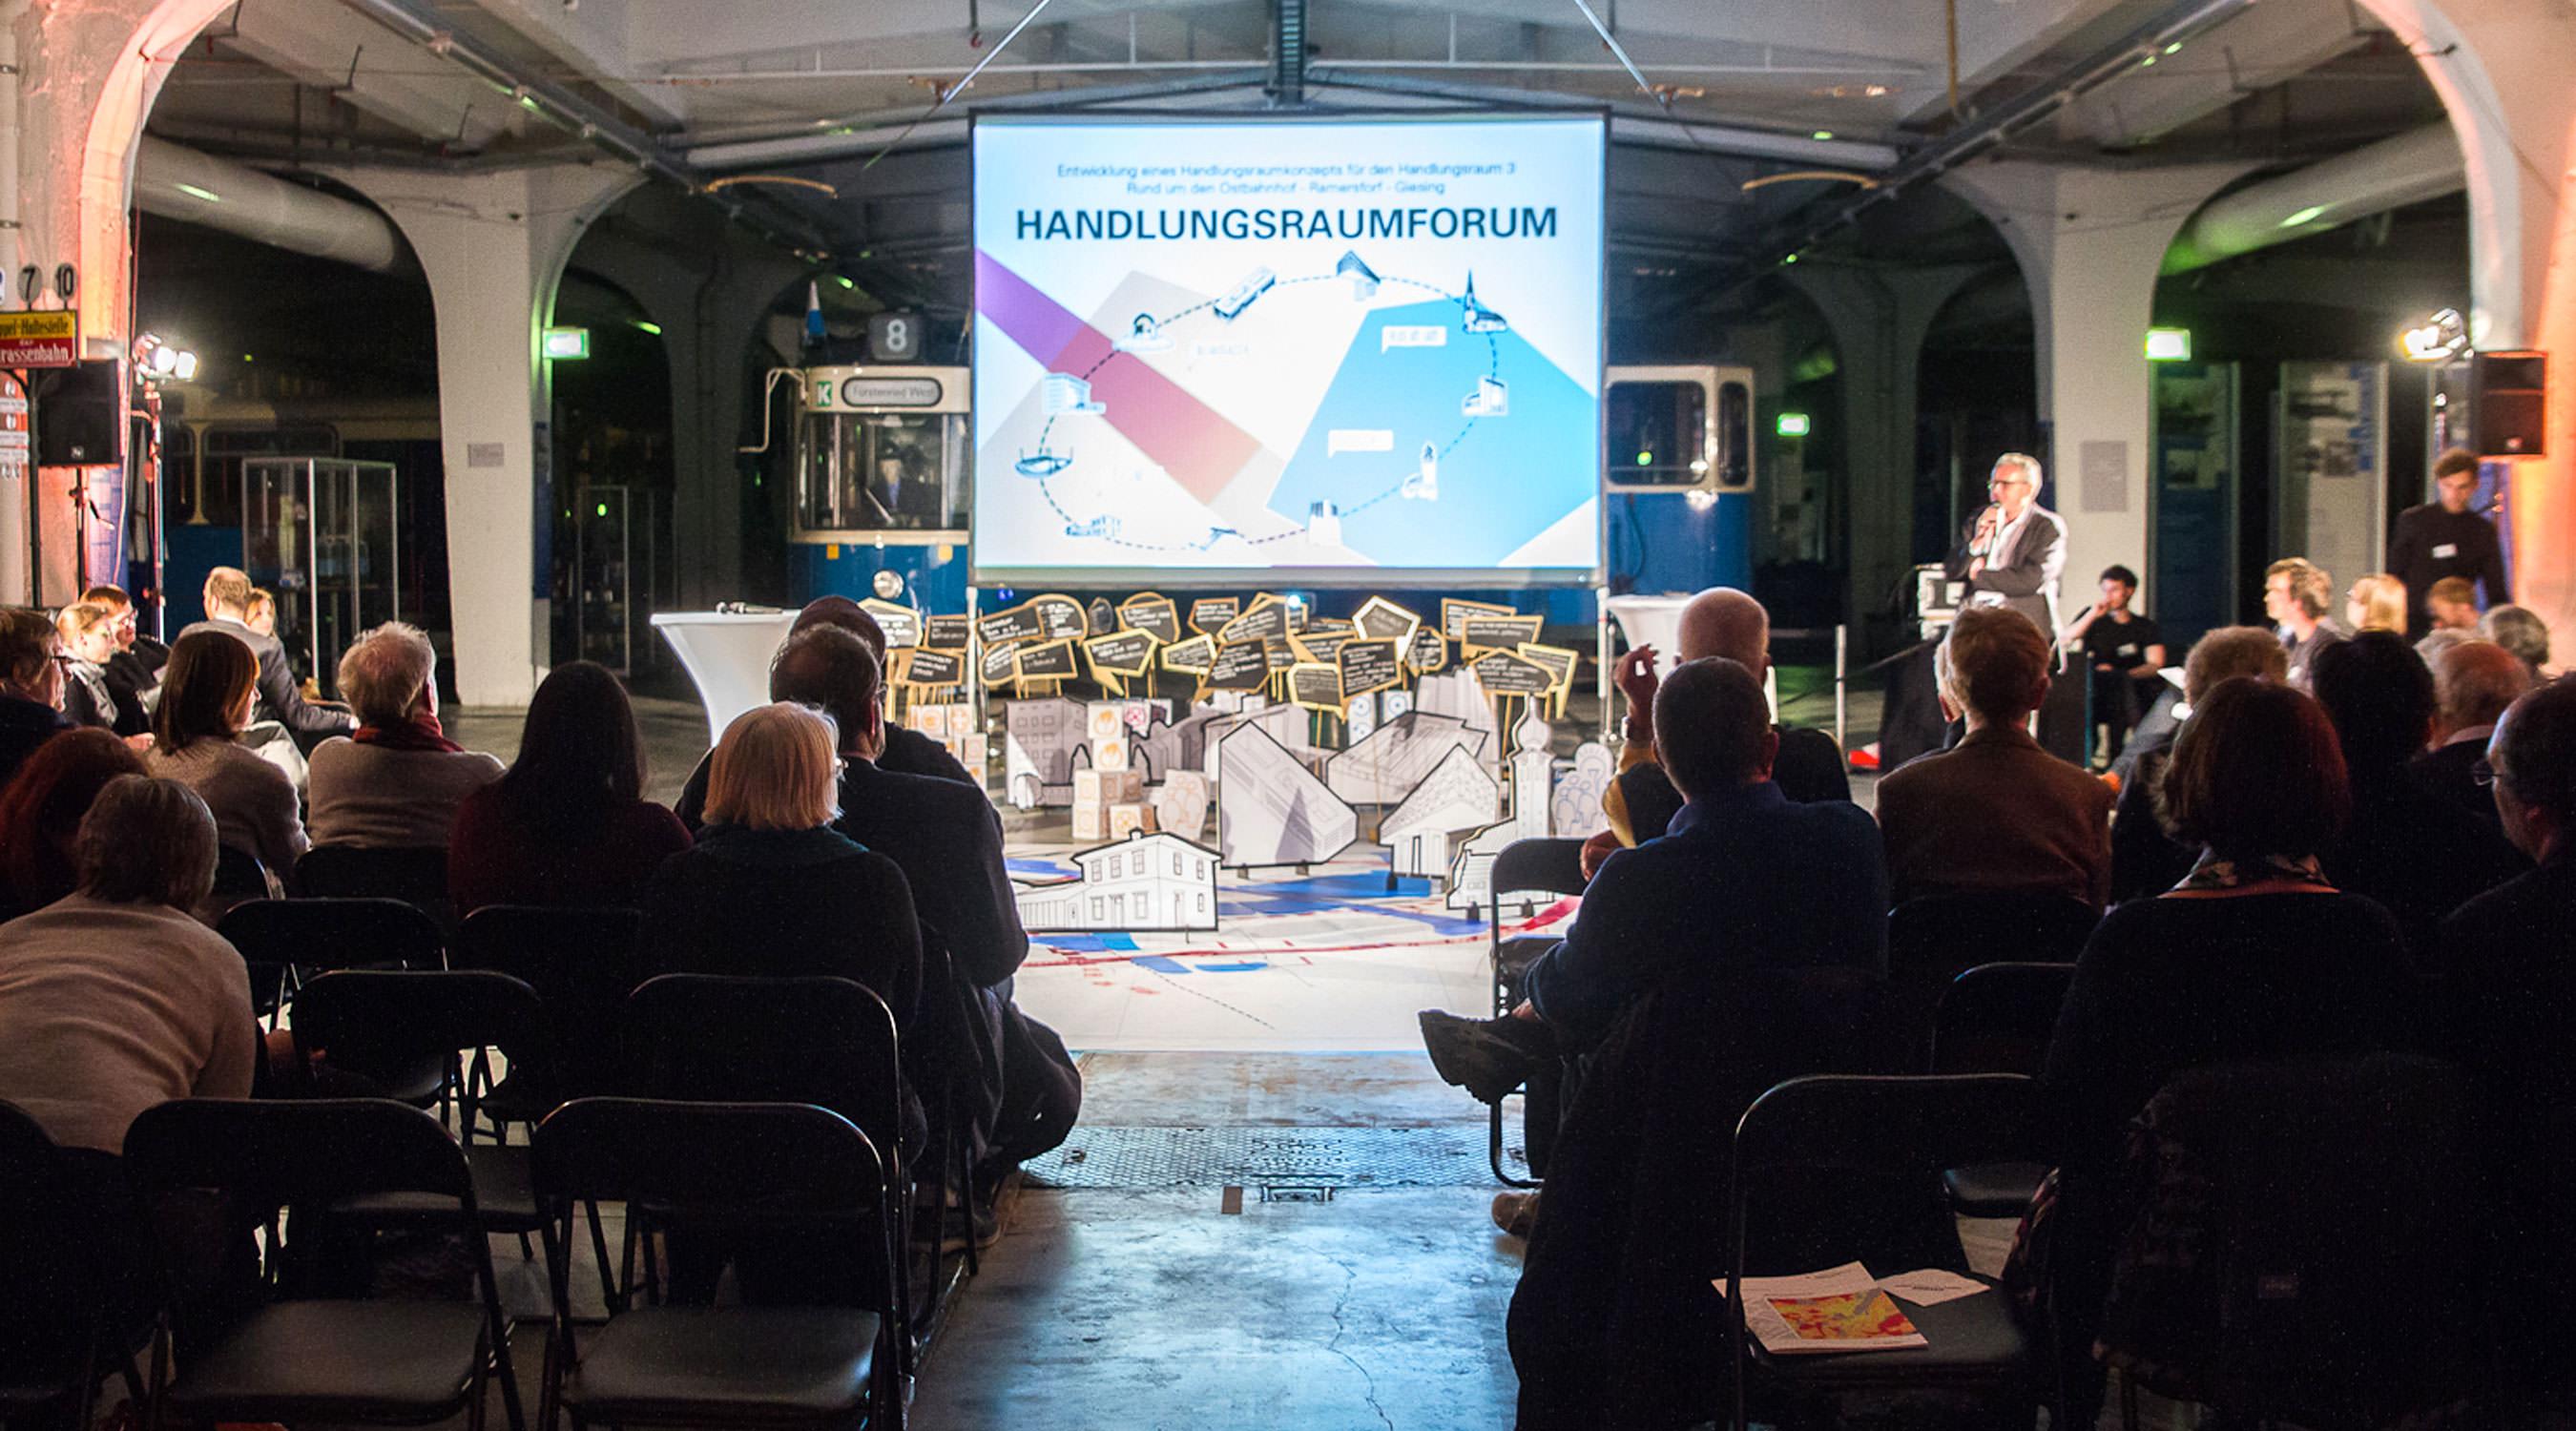 Integriertes Handlungsraumkonzept Handlungsraum 3 München Forum